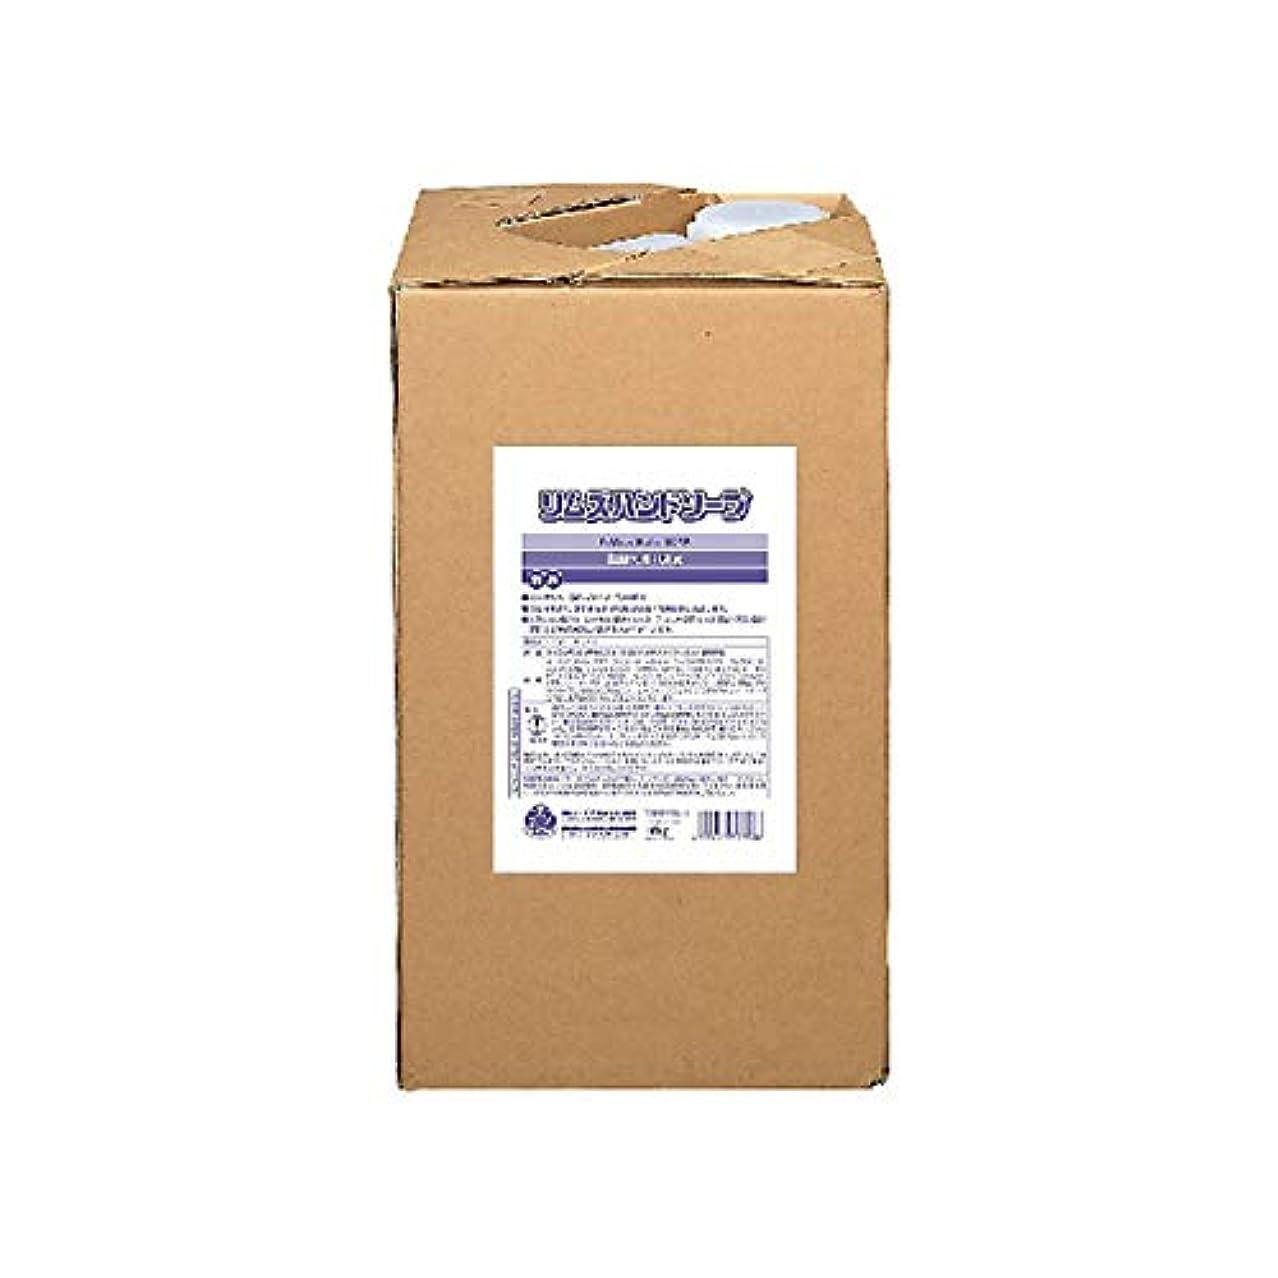 シフトメンタル振幅イチネンケミカルズ:リムズハンドソープ 詰替用 16kg 518